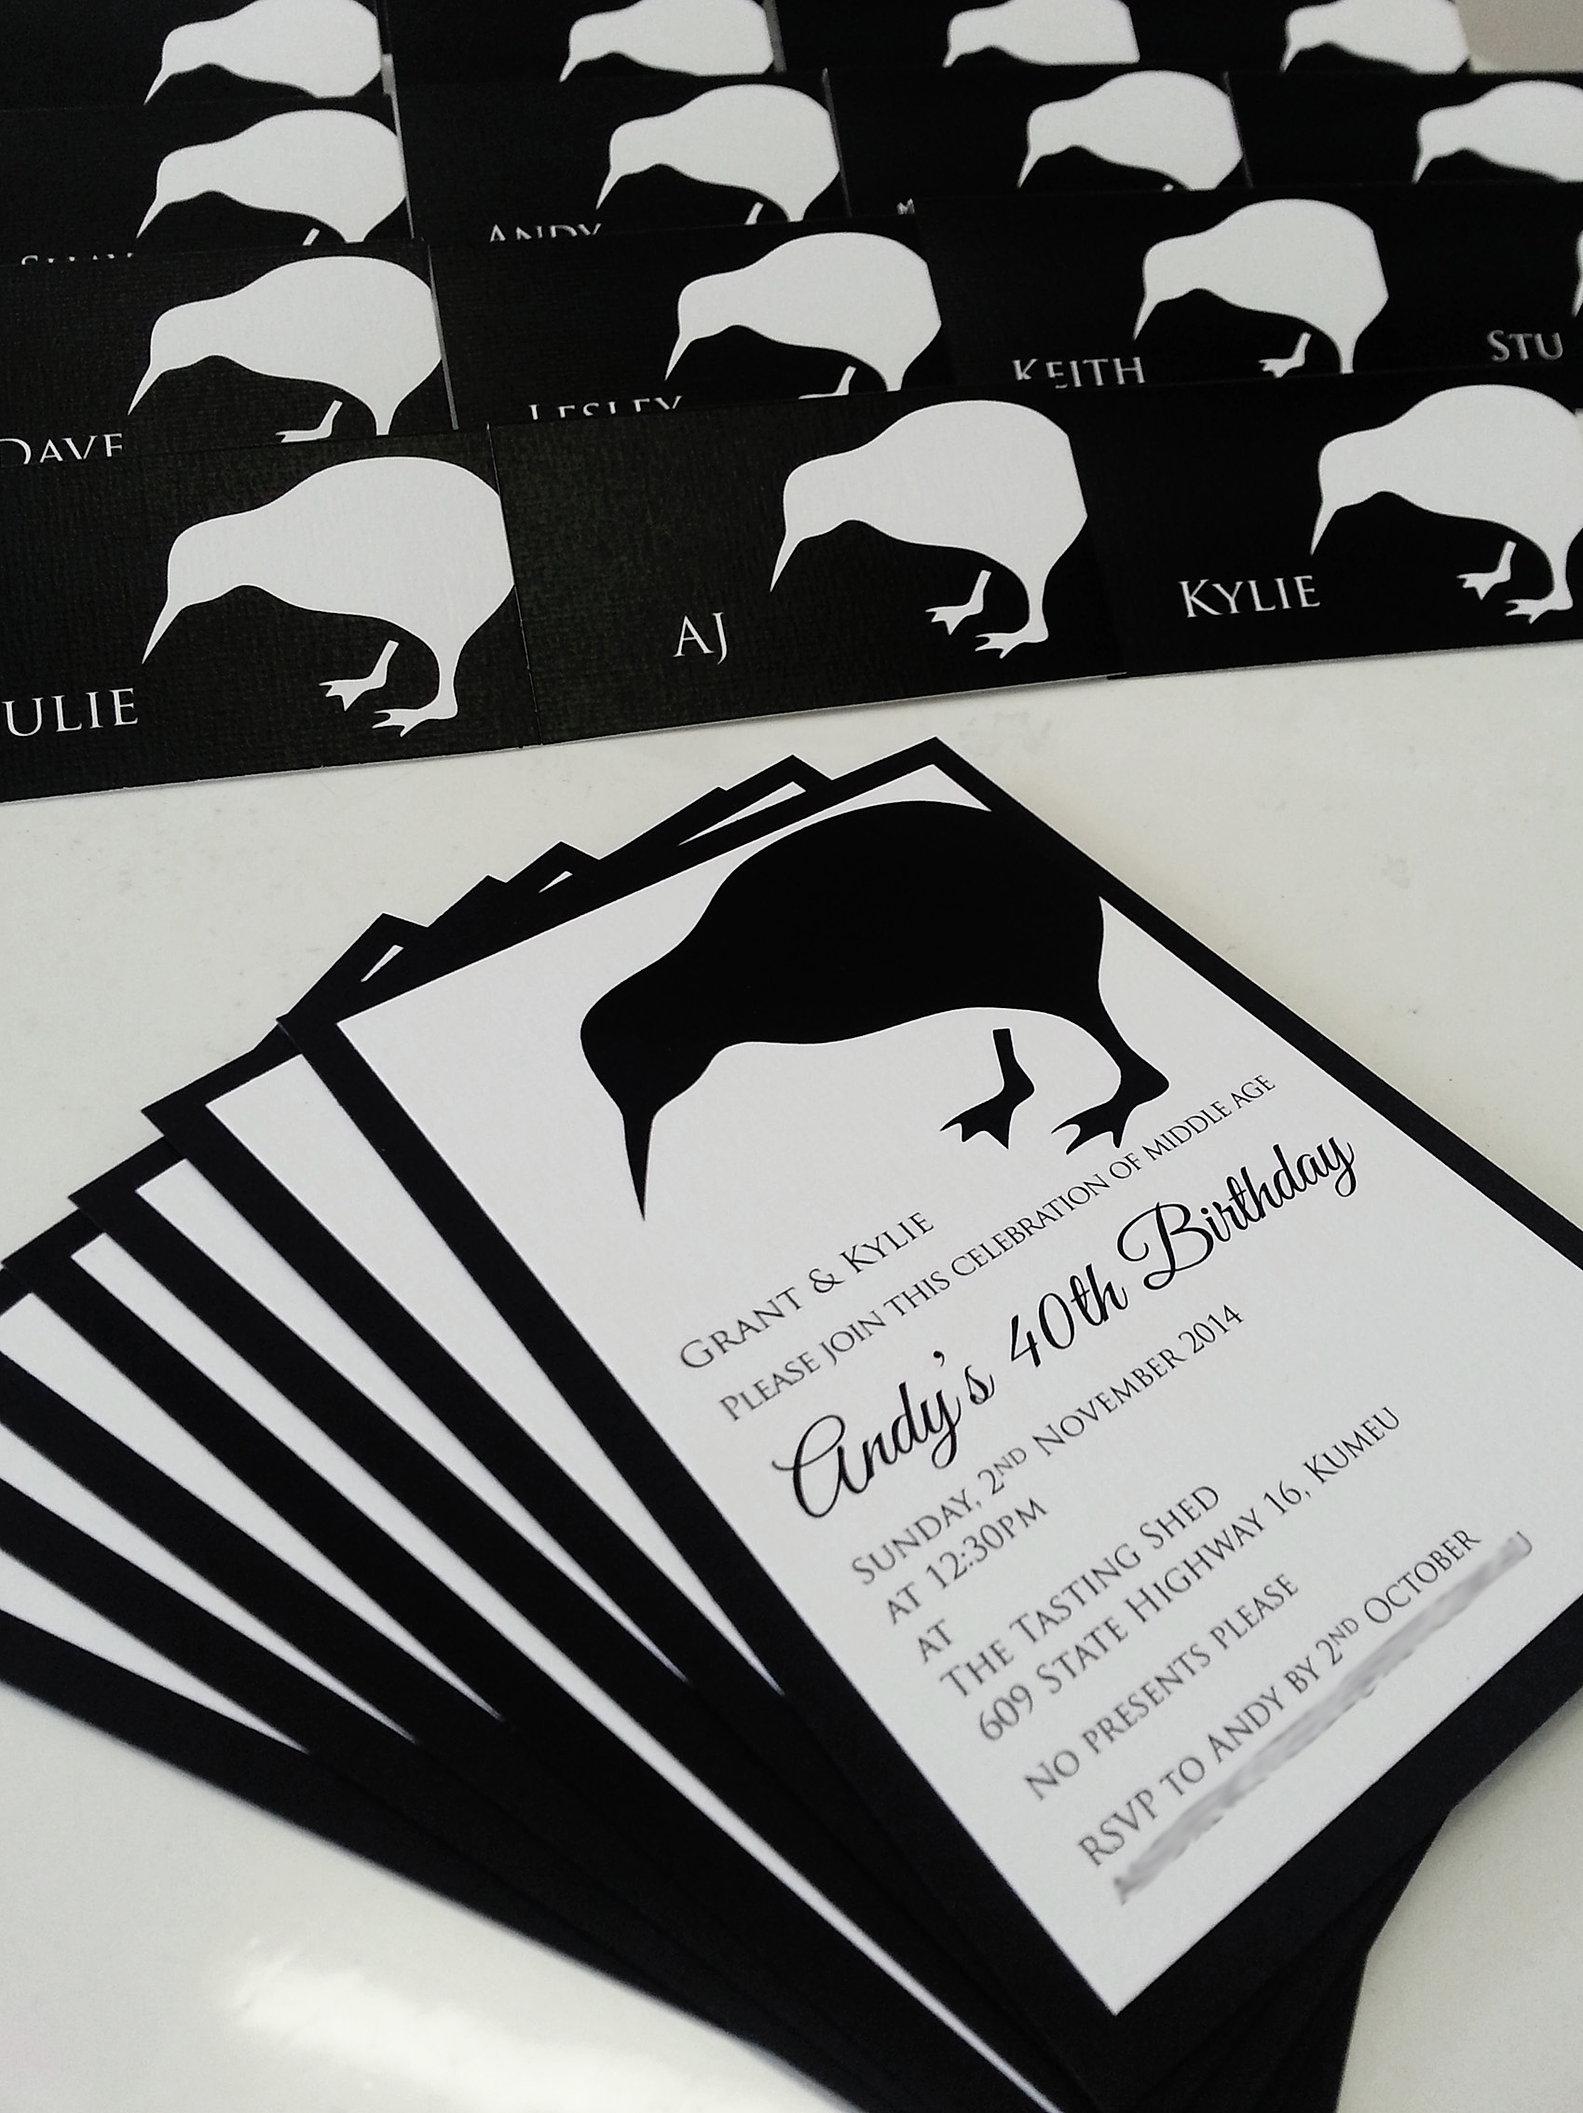 Birthday invitations and anniversary invitations sydney pure invites kiwi 40th birthday invitations sydneyg filmwisefo Images